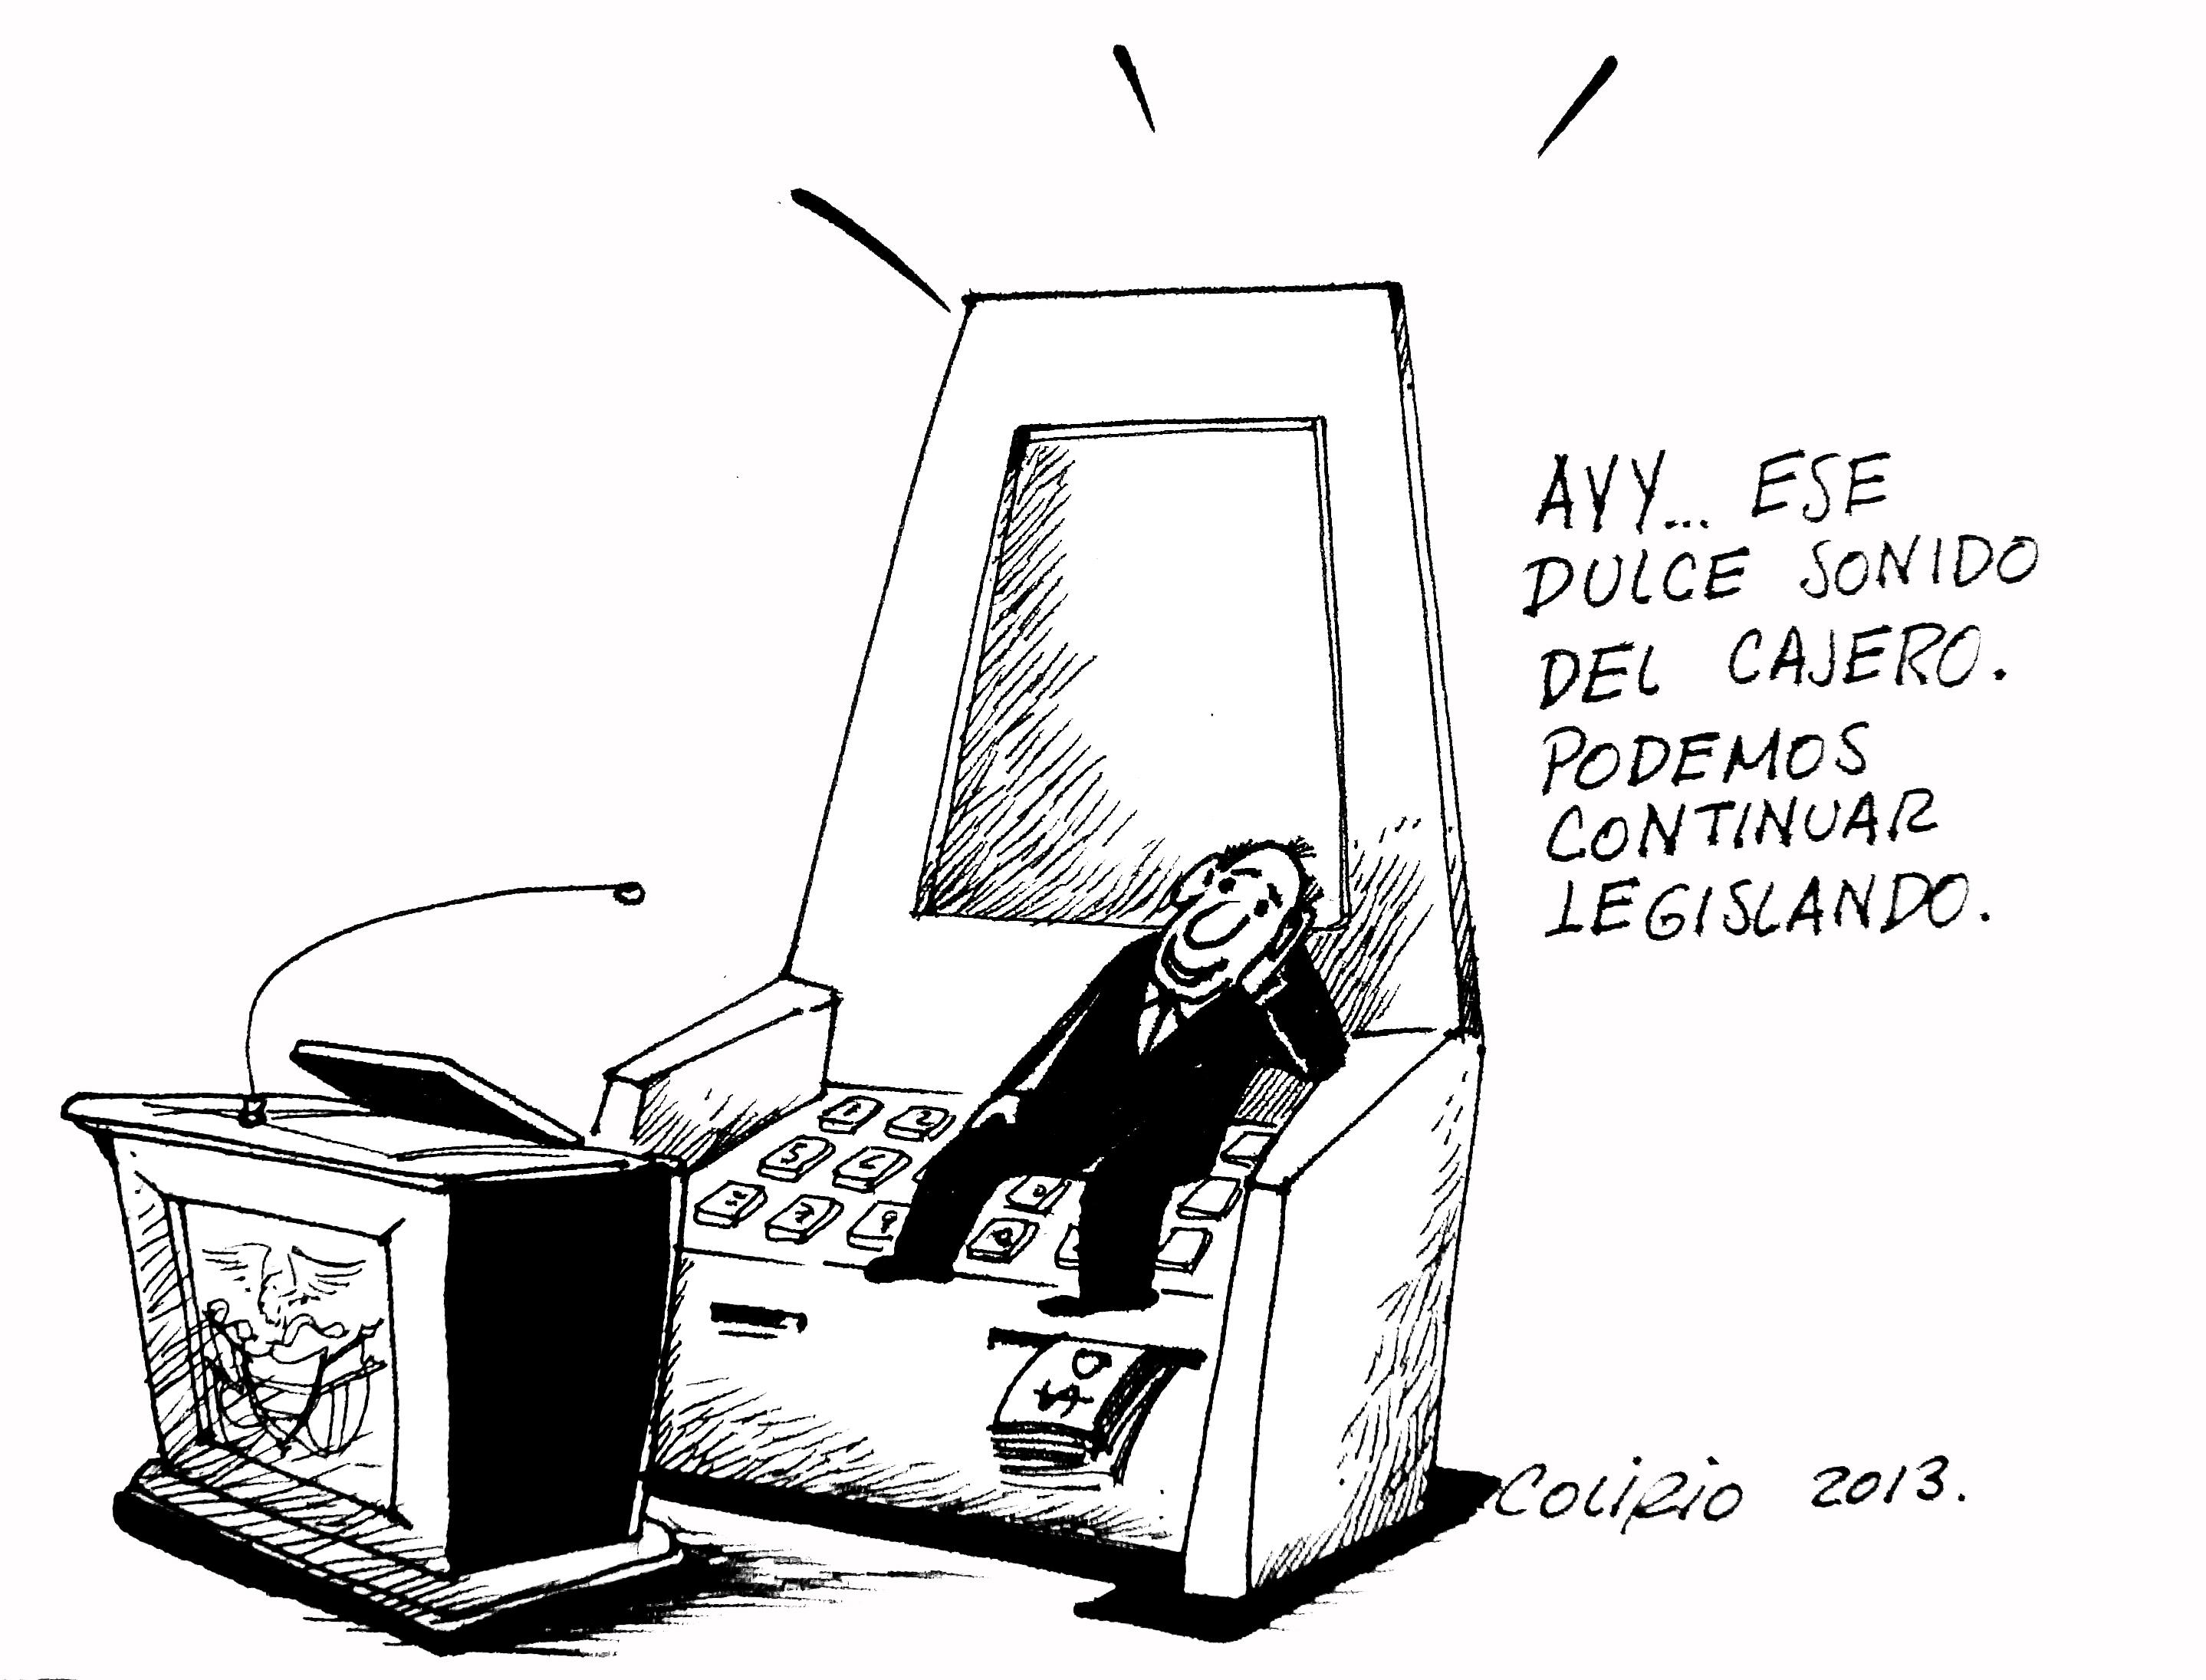 carica viernes 11 de octubre de 2013